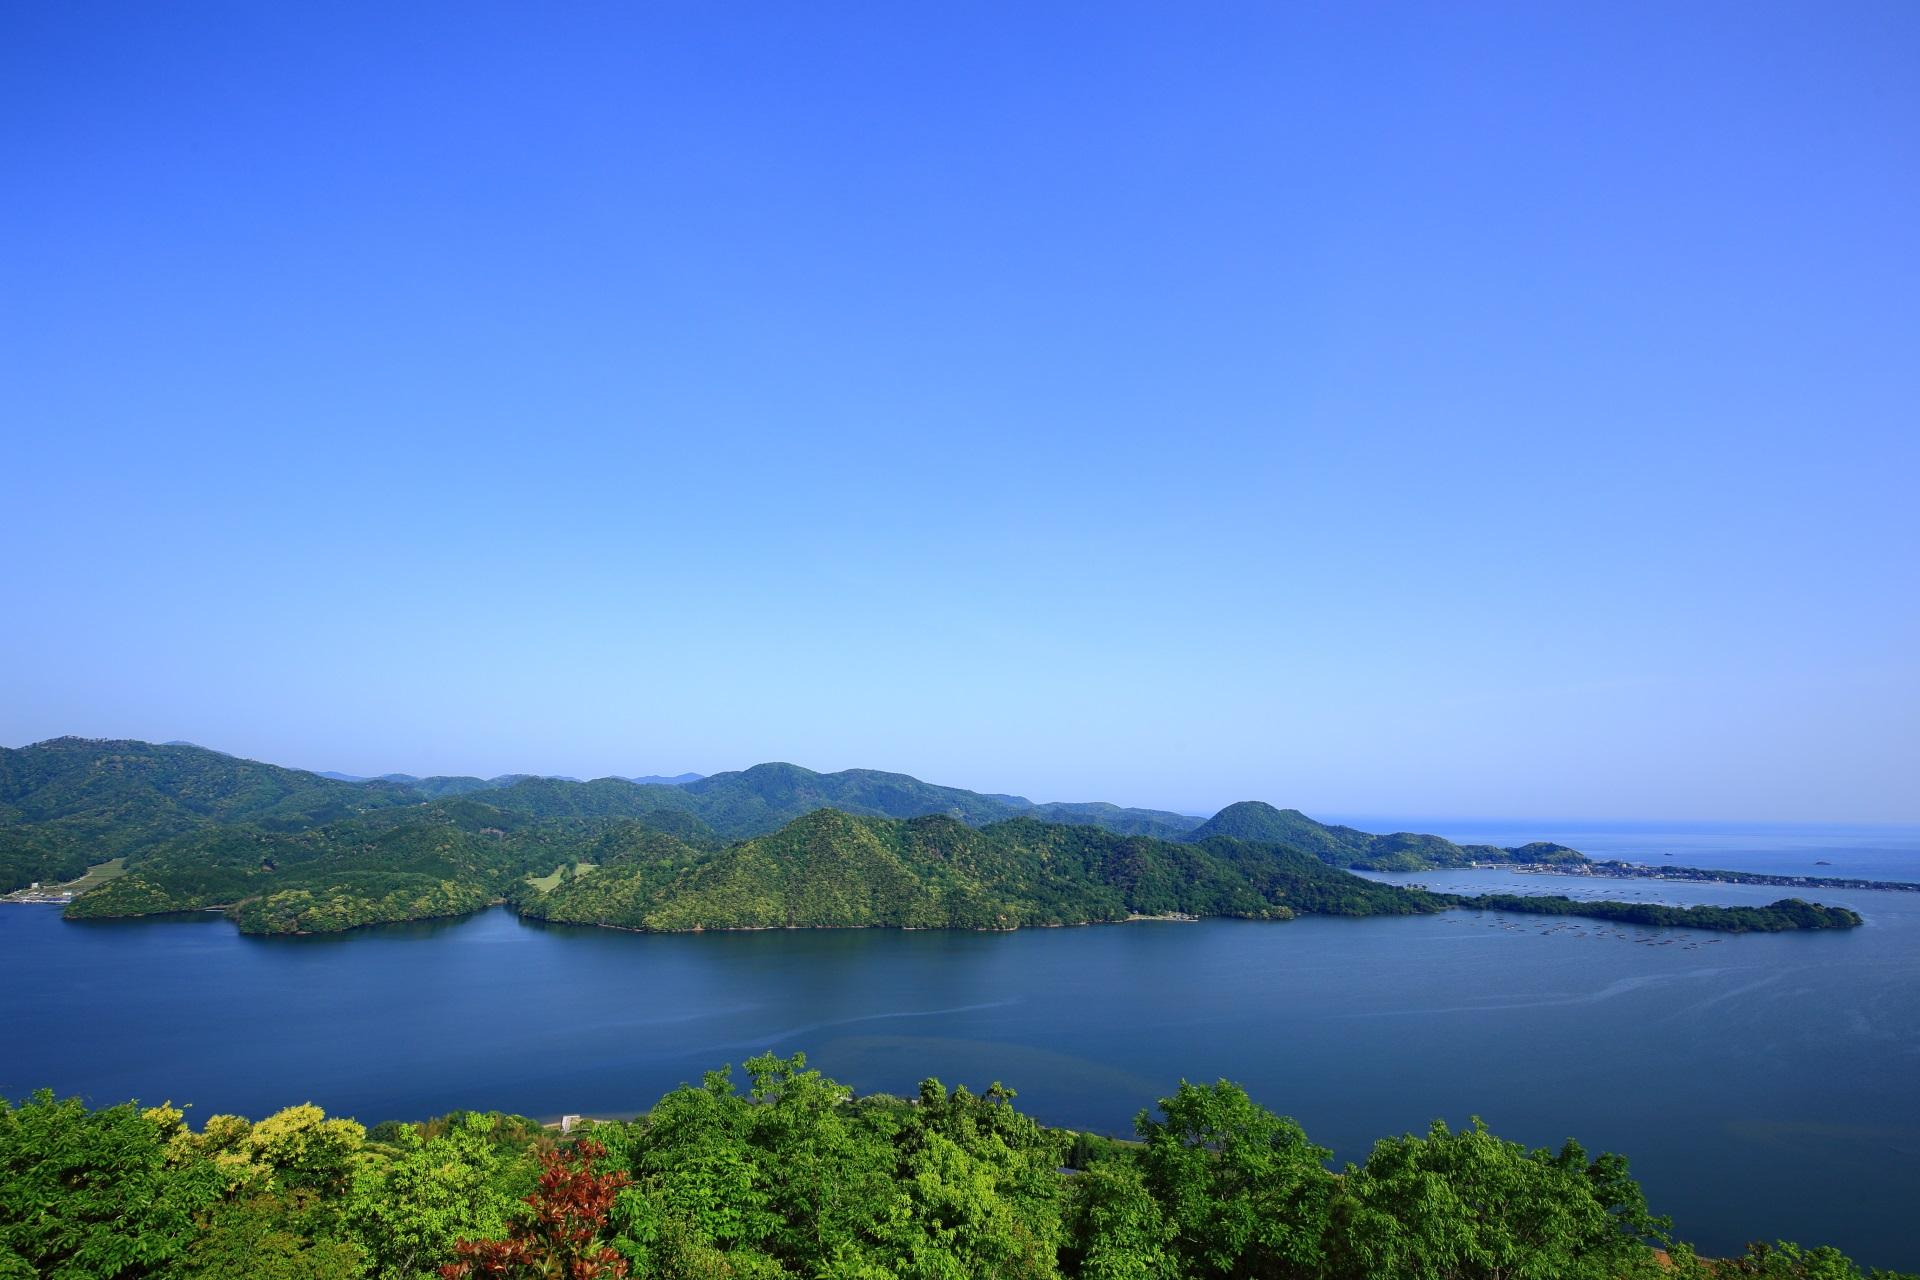 穏やかな湖と海と連なる滑らかな山々の絶景